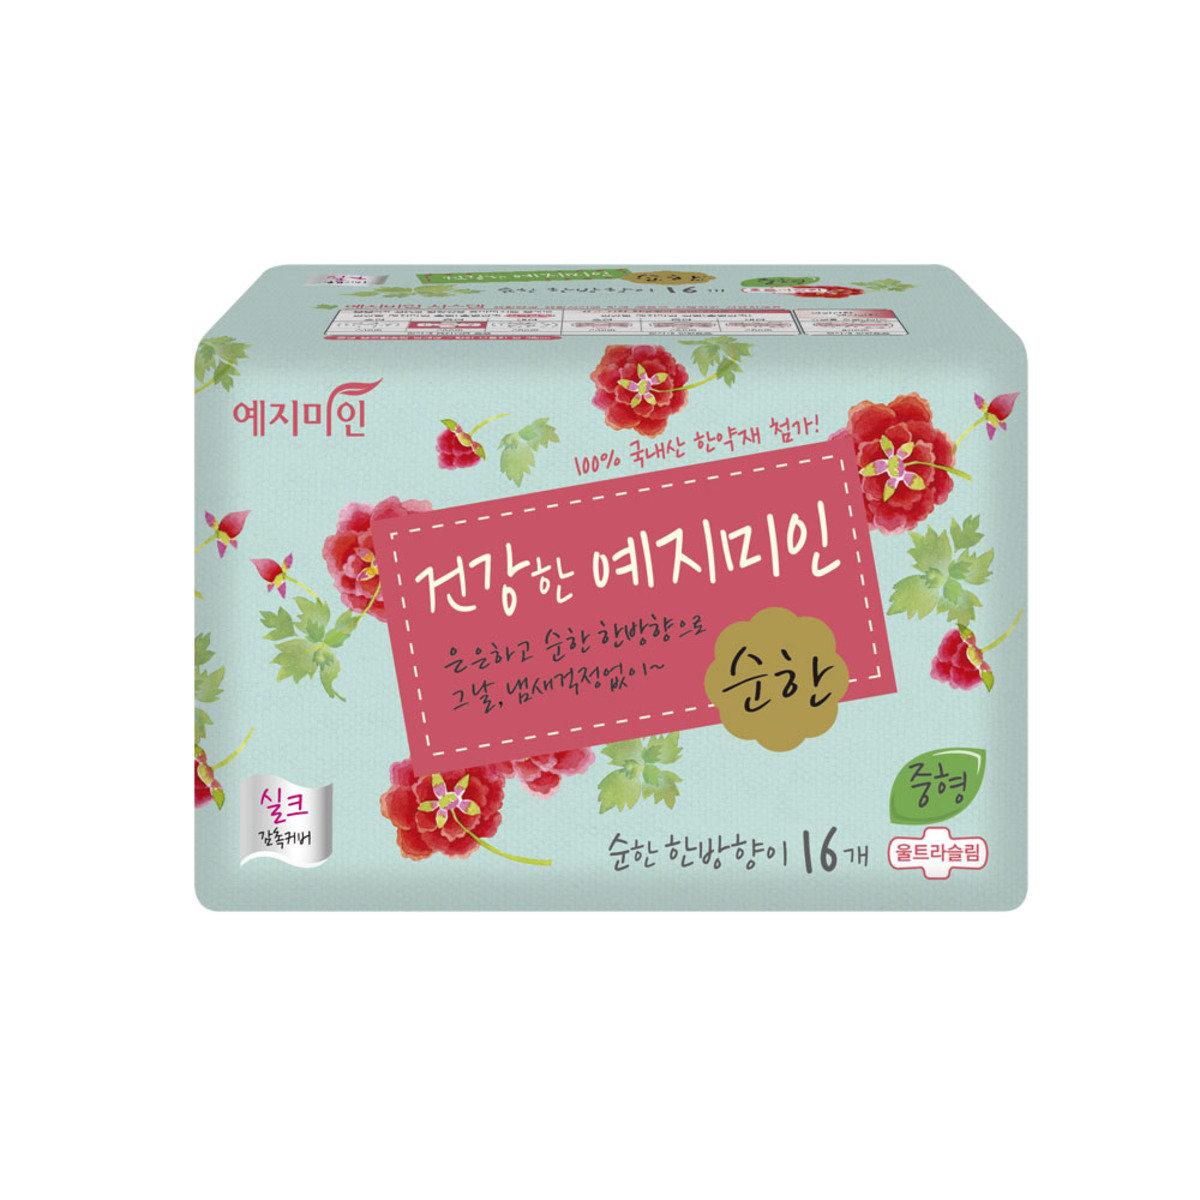 韓國漢方衛生巾 - 絲綢淡香 25CM 16片裝